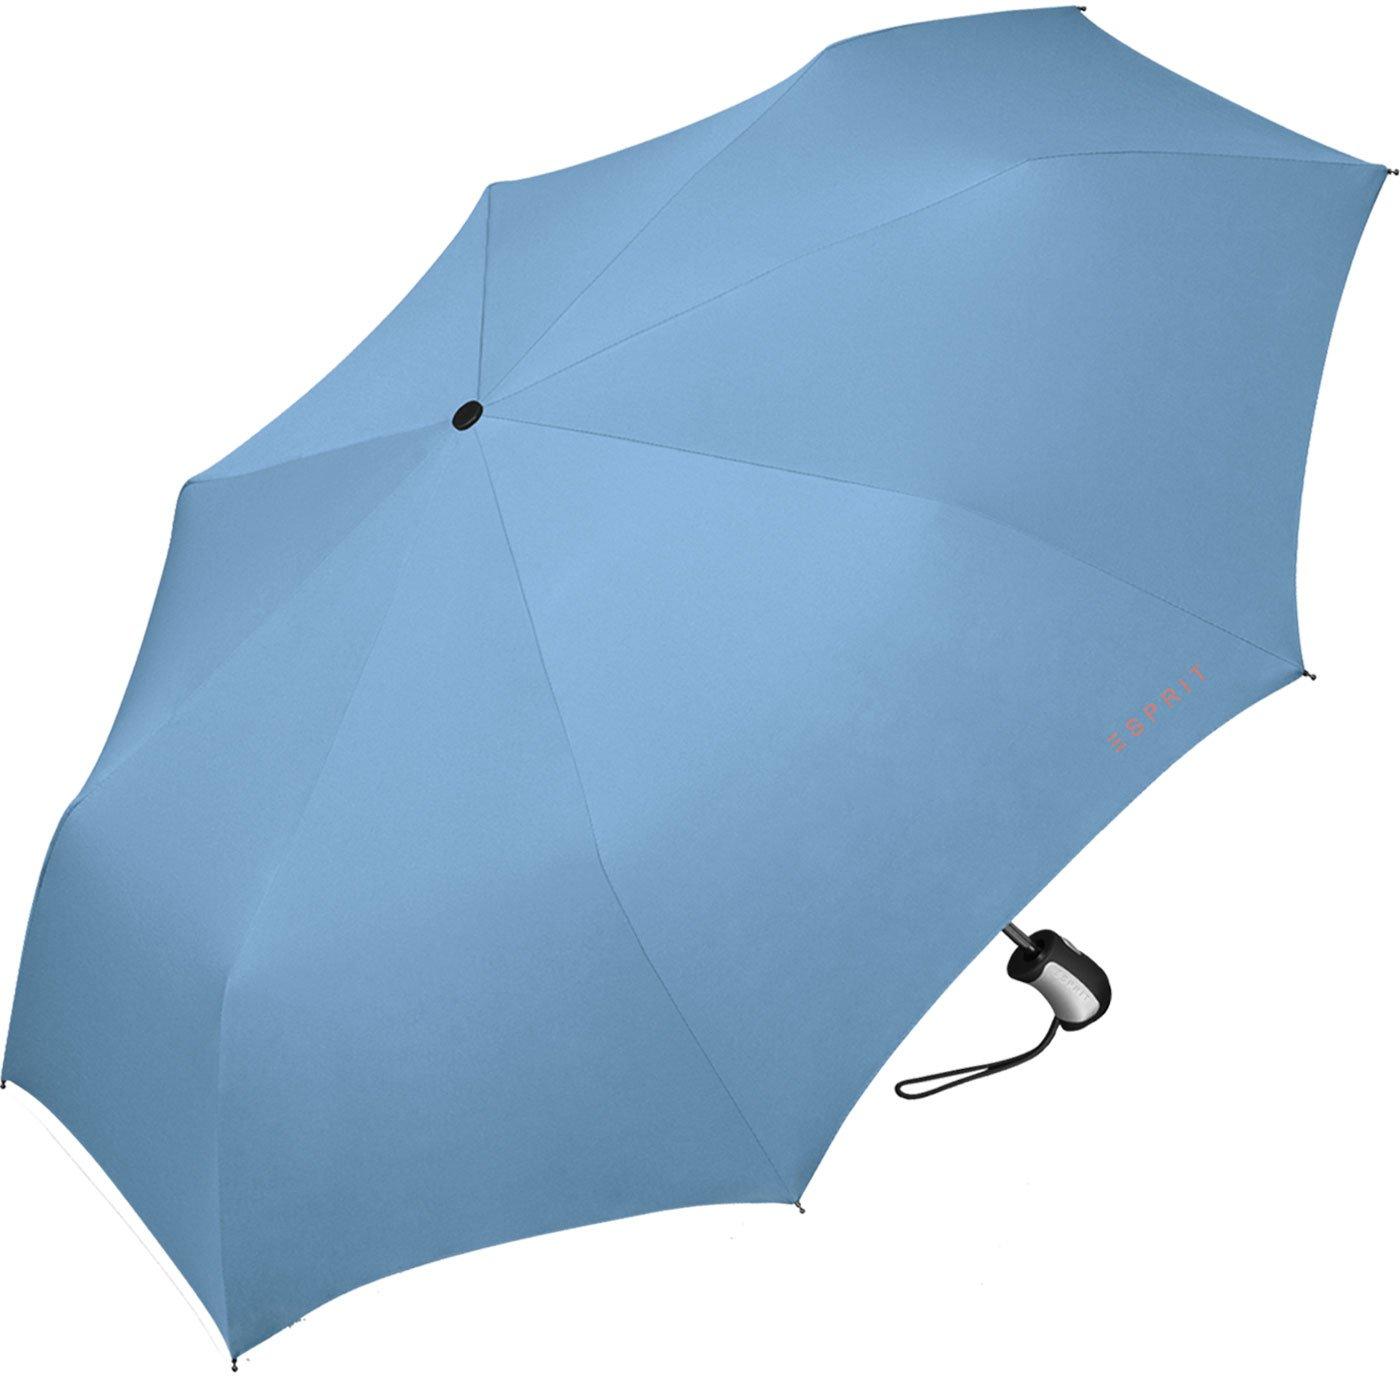 98 Cm Durchmesser Automatik Gut Esprit Easymatic Light Regenschirm Taschenschirm